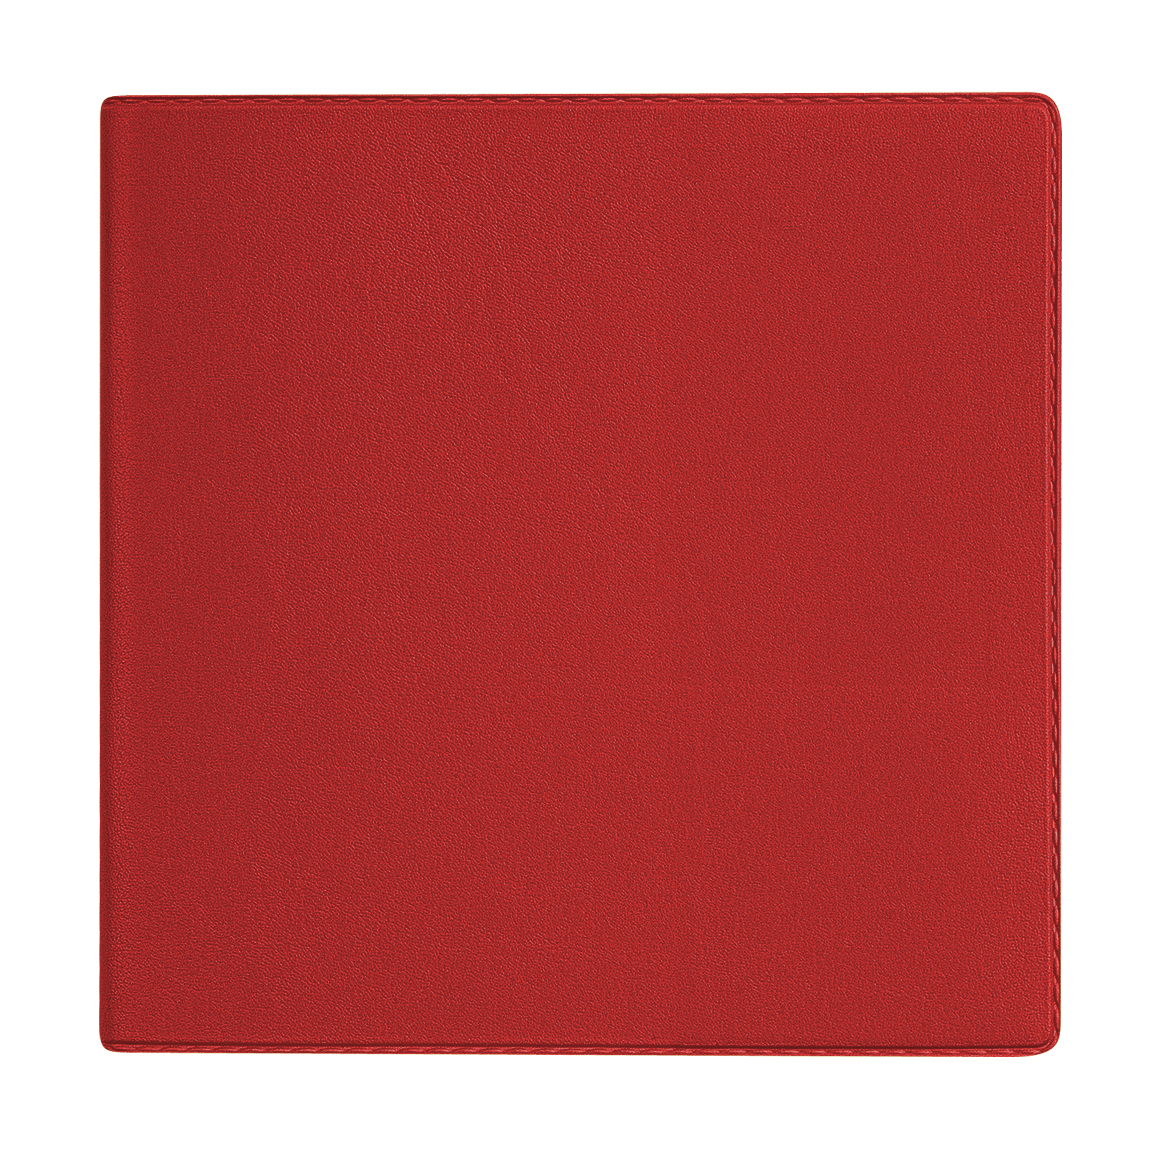 Квадраты красные картинка